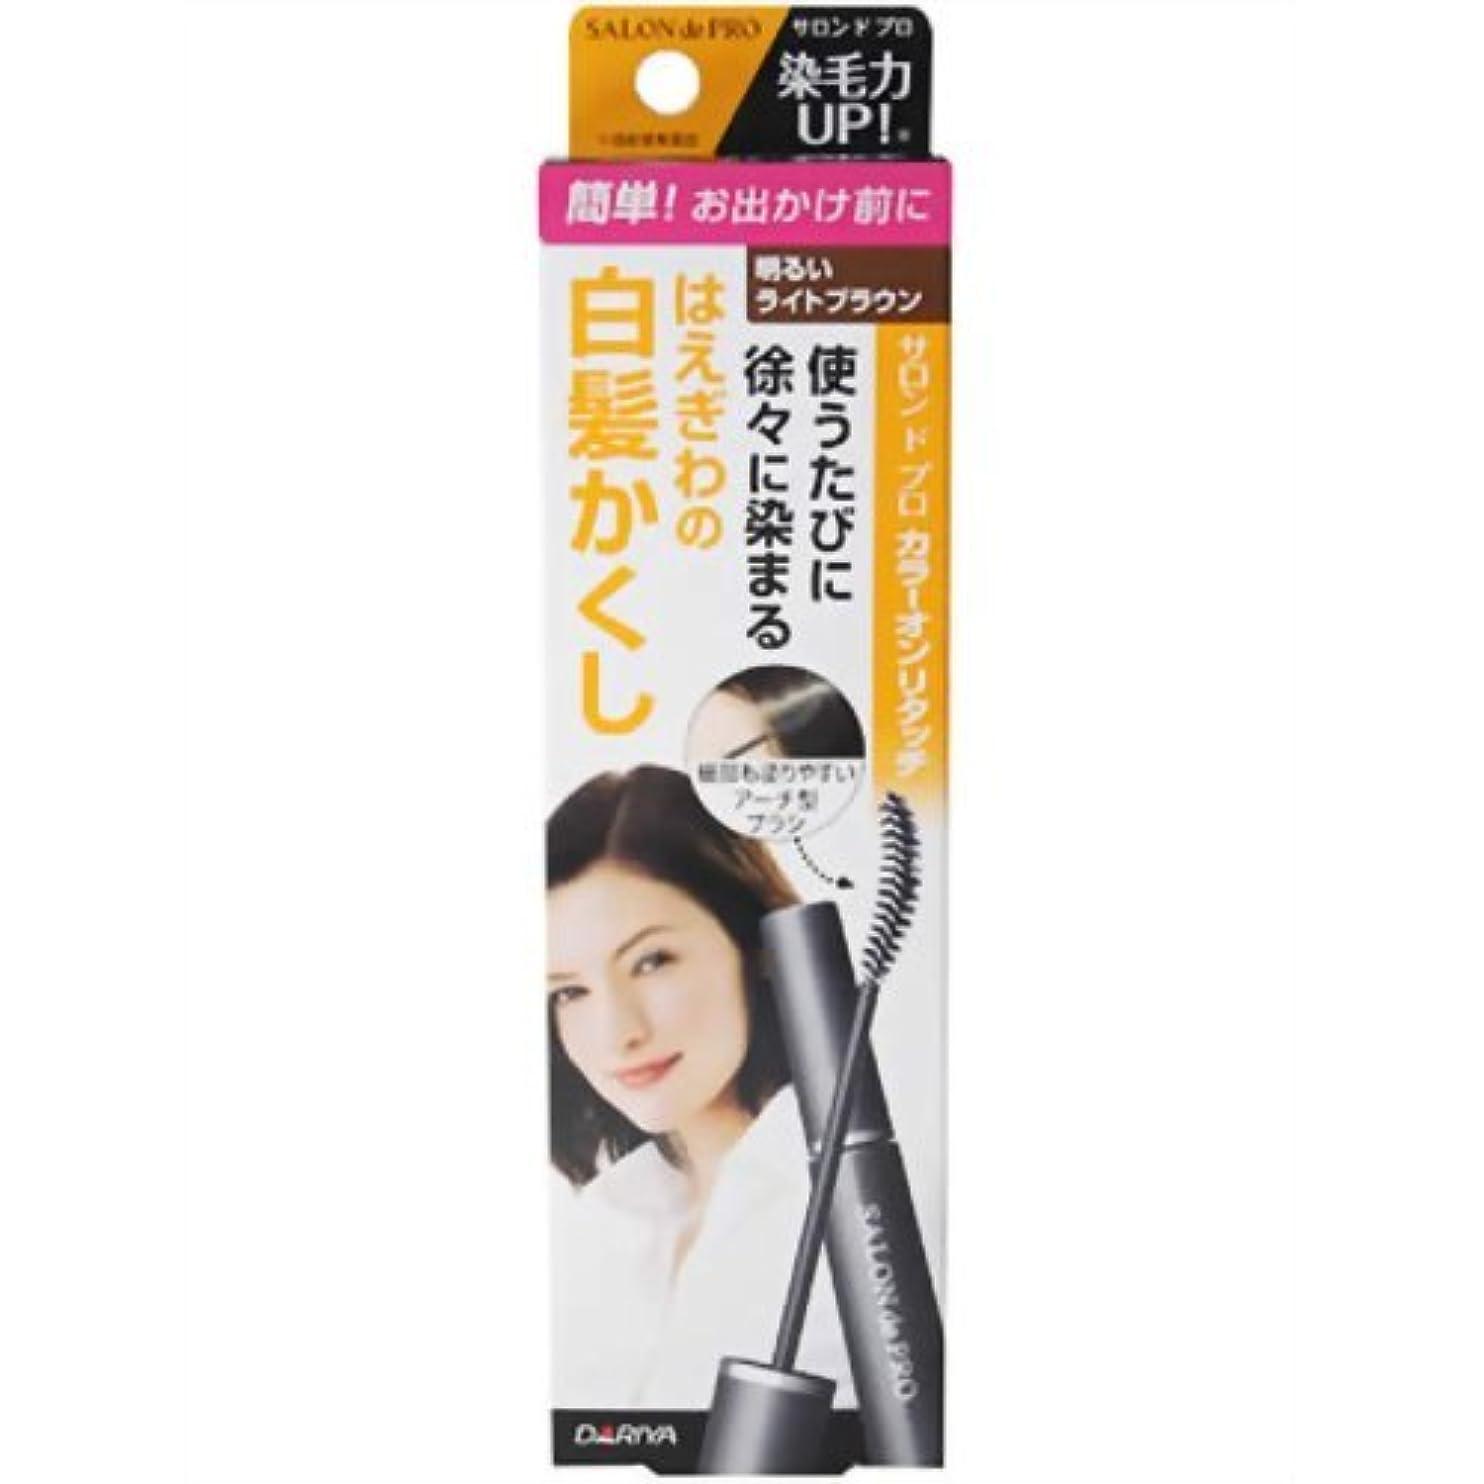 霧どこでも醜いサロンドプロカラーオンリタッチ白髪かくし 明るいライトブラウン       15ML × 5個セット